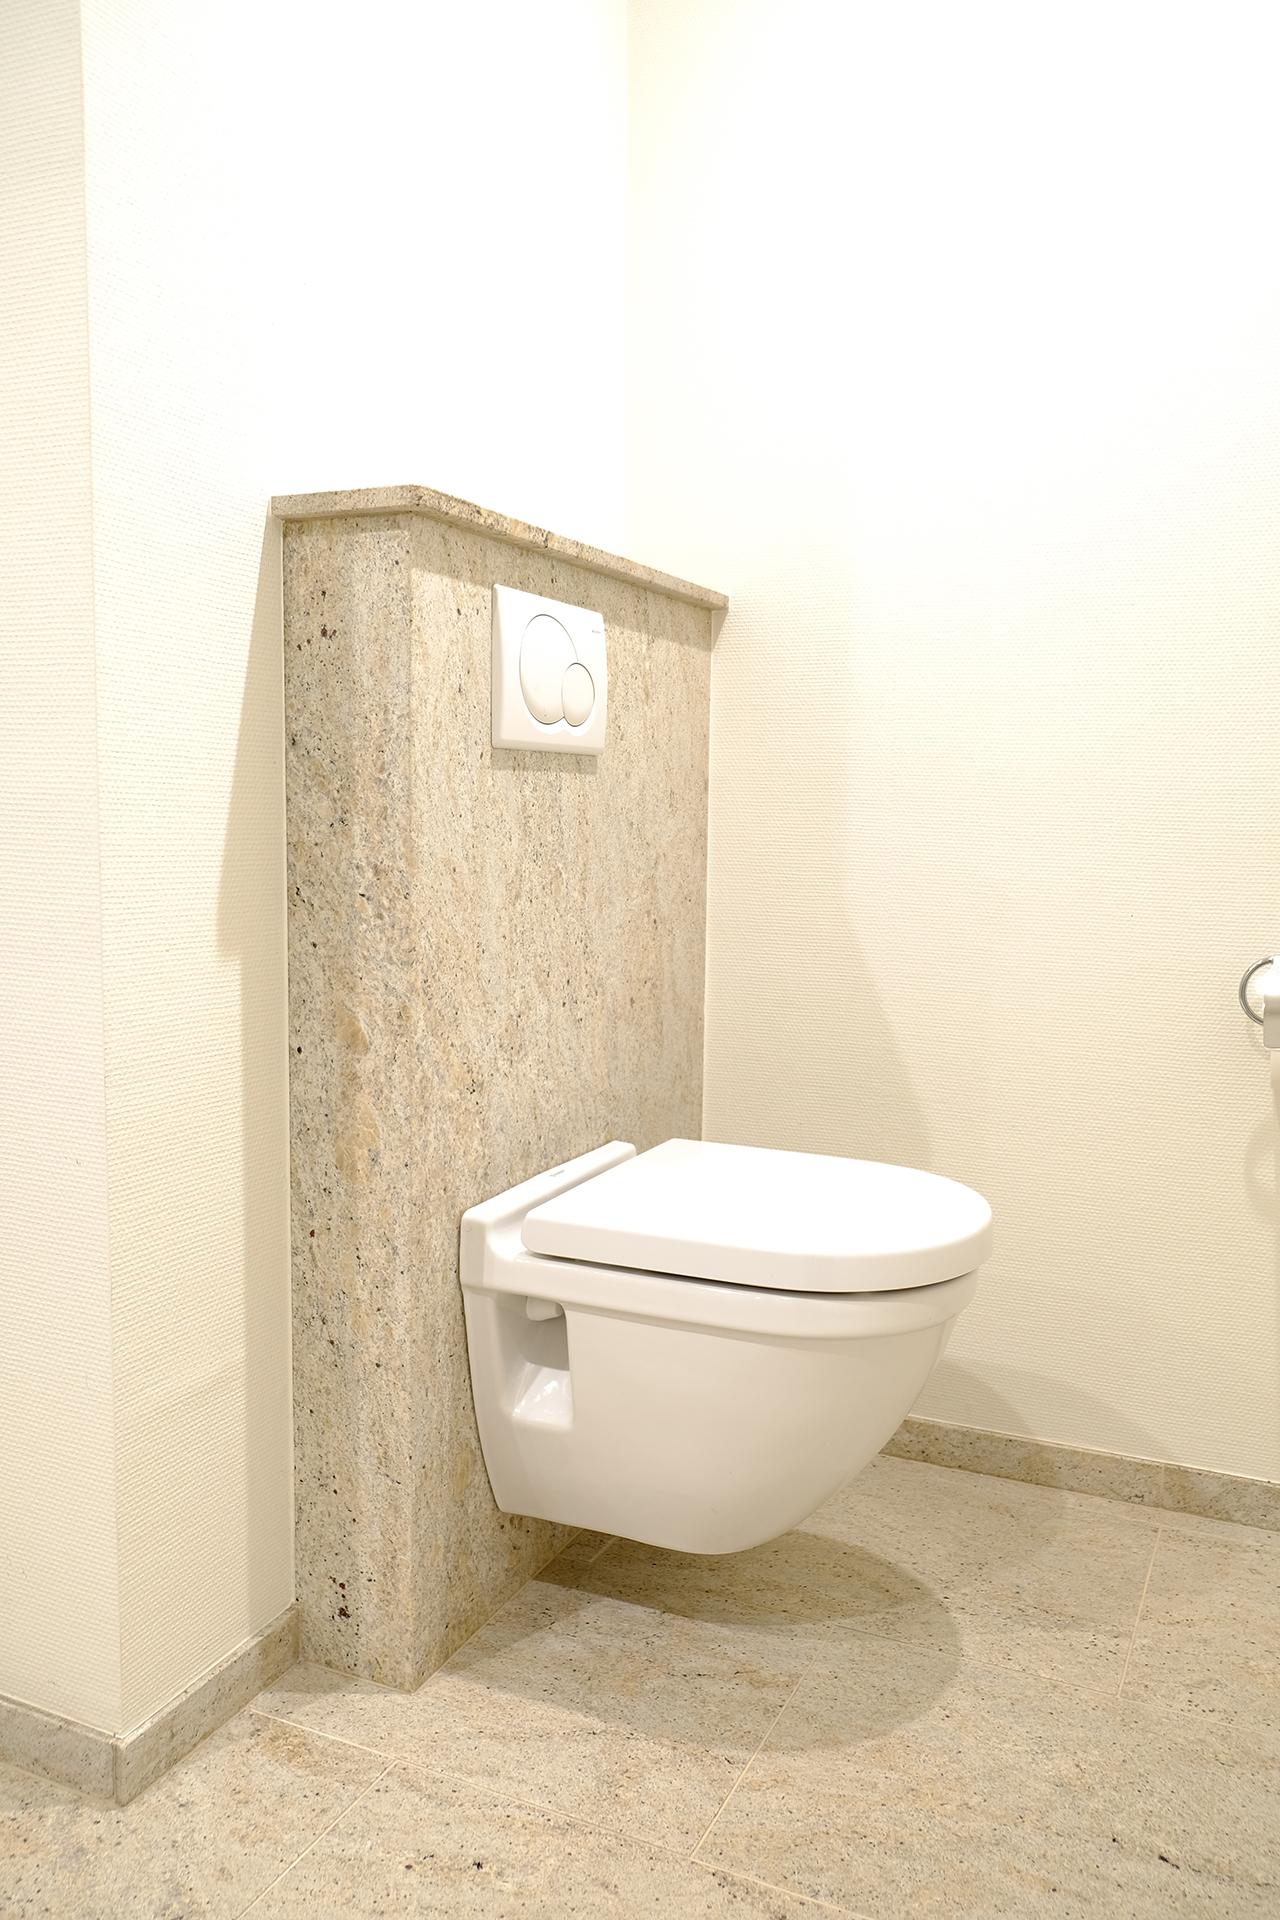 Die pflegeleichte Toilettenarmatur bringt viele Vorteile